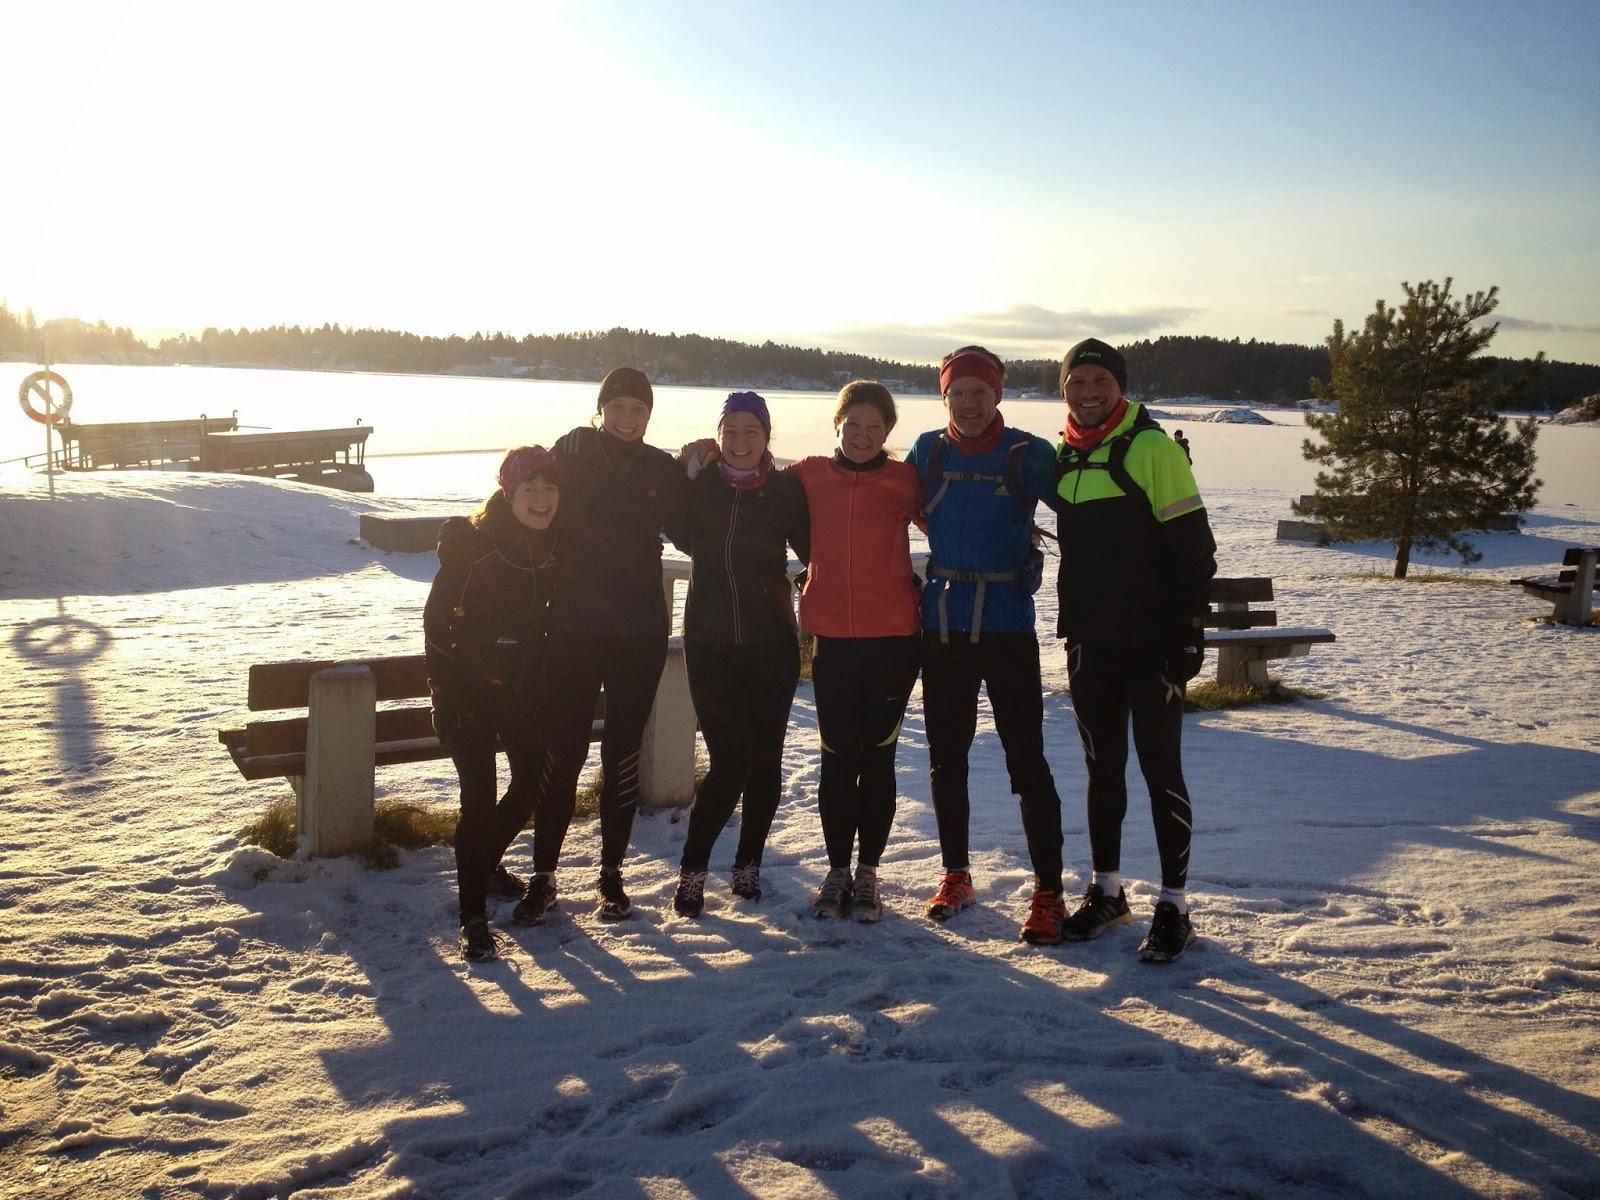 Fra dagens langtur til Fornebu i veldig godt selskap. Hele ni stk var vi, her mangler både fotografen og et par andre. Lea, Anne, meg, Siw-Mette, Stian og Raymond her i alle fall, ytterst på Storøya i strålende sol og minusgrader.